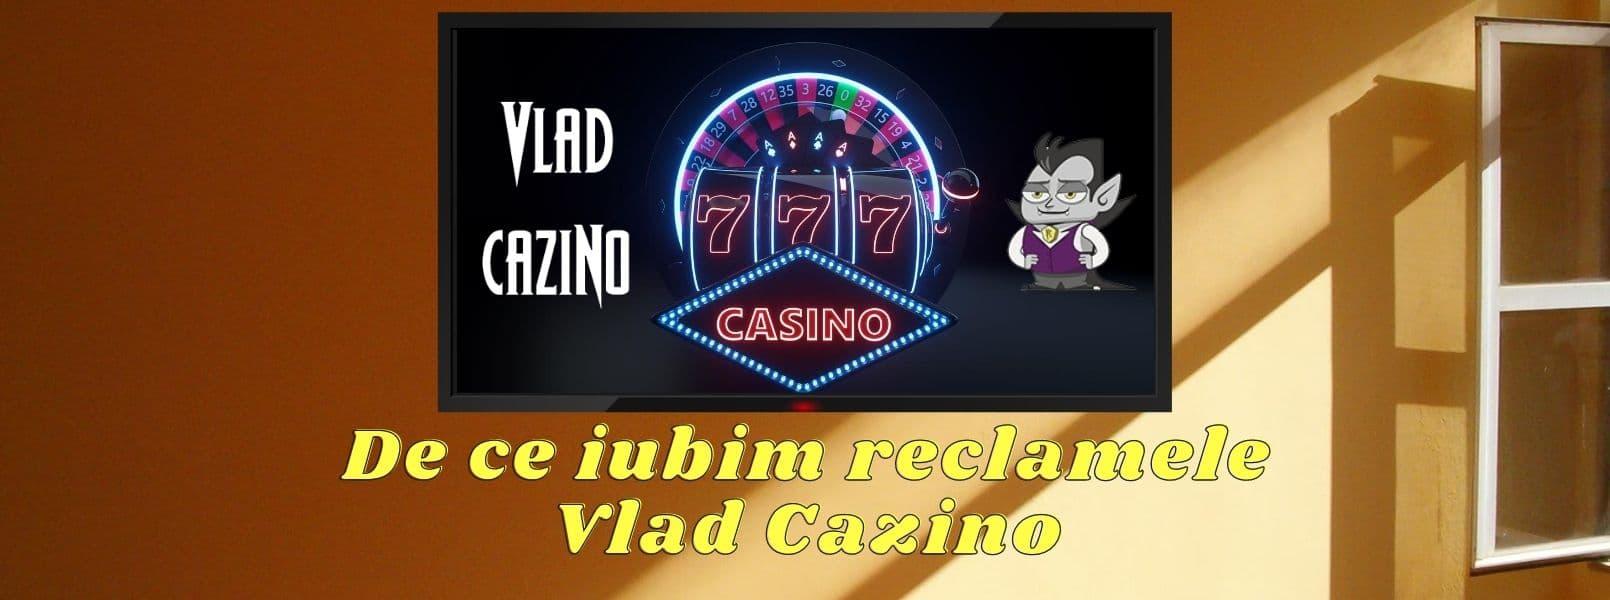 imagini din reclama vlad cazino online